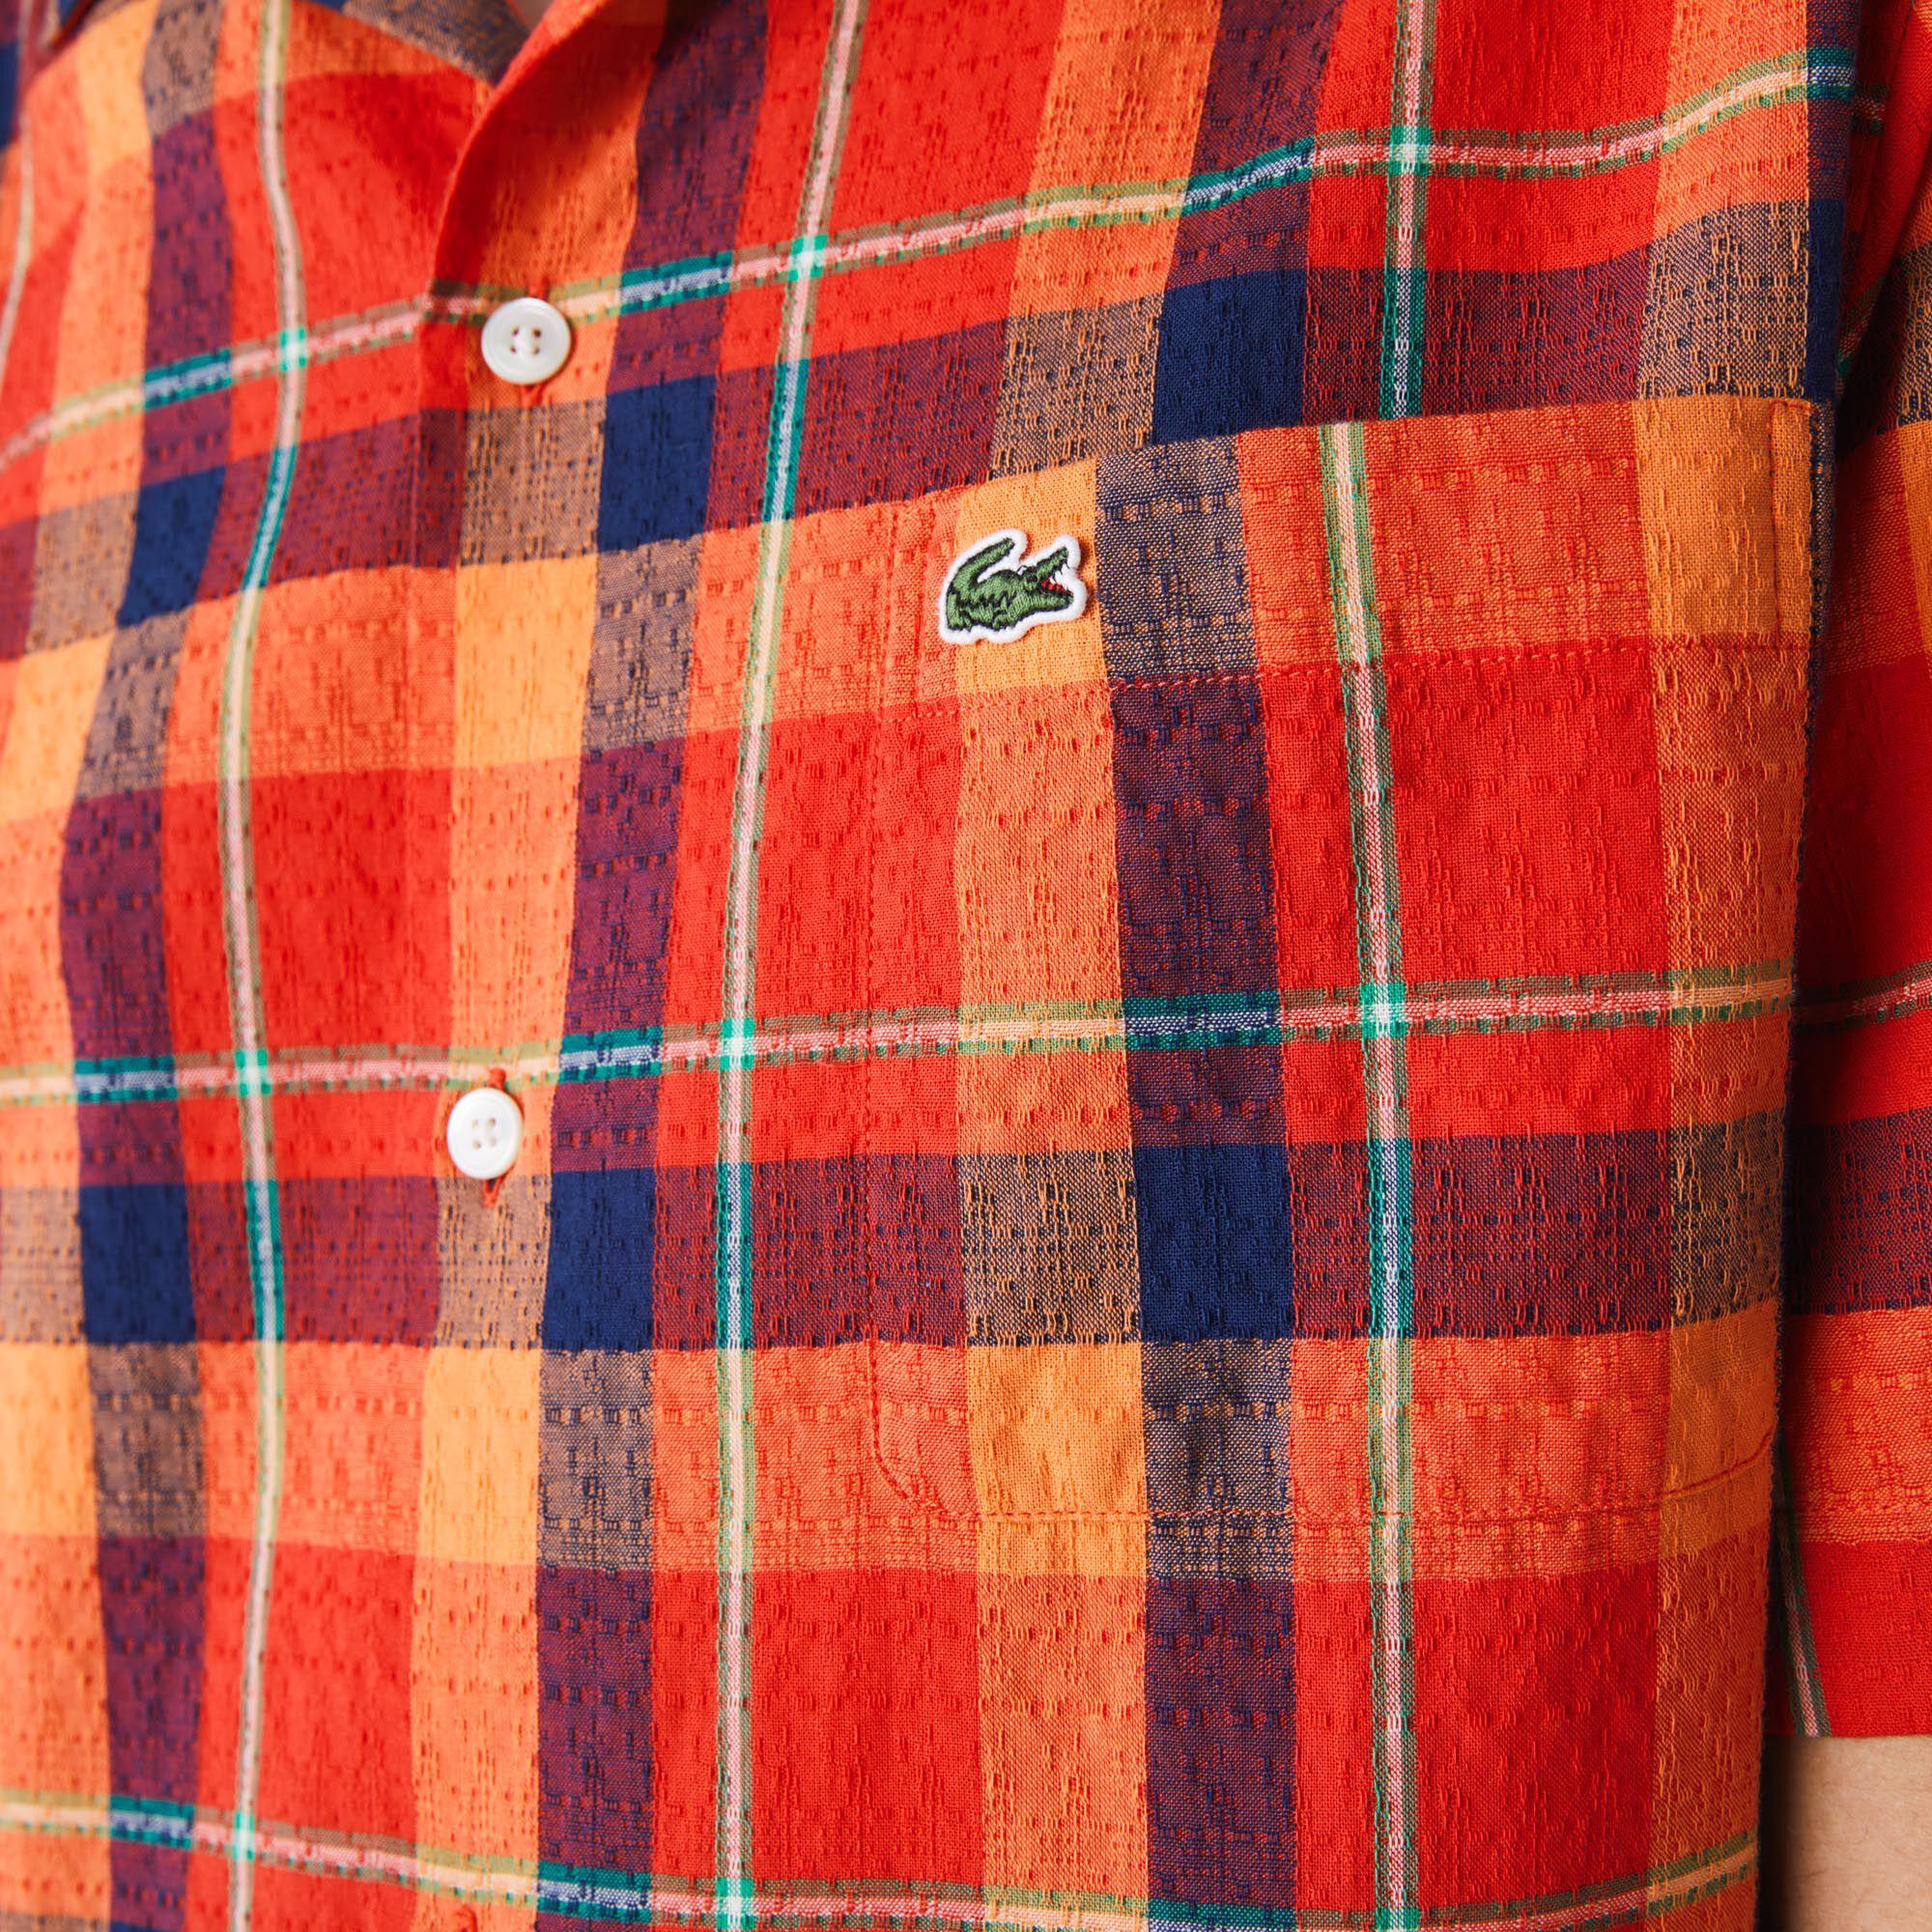 قميص قطن كاروهات للرجال قصة هاواي